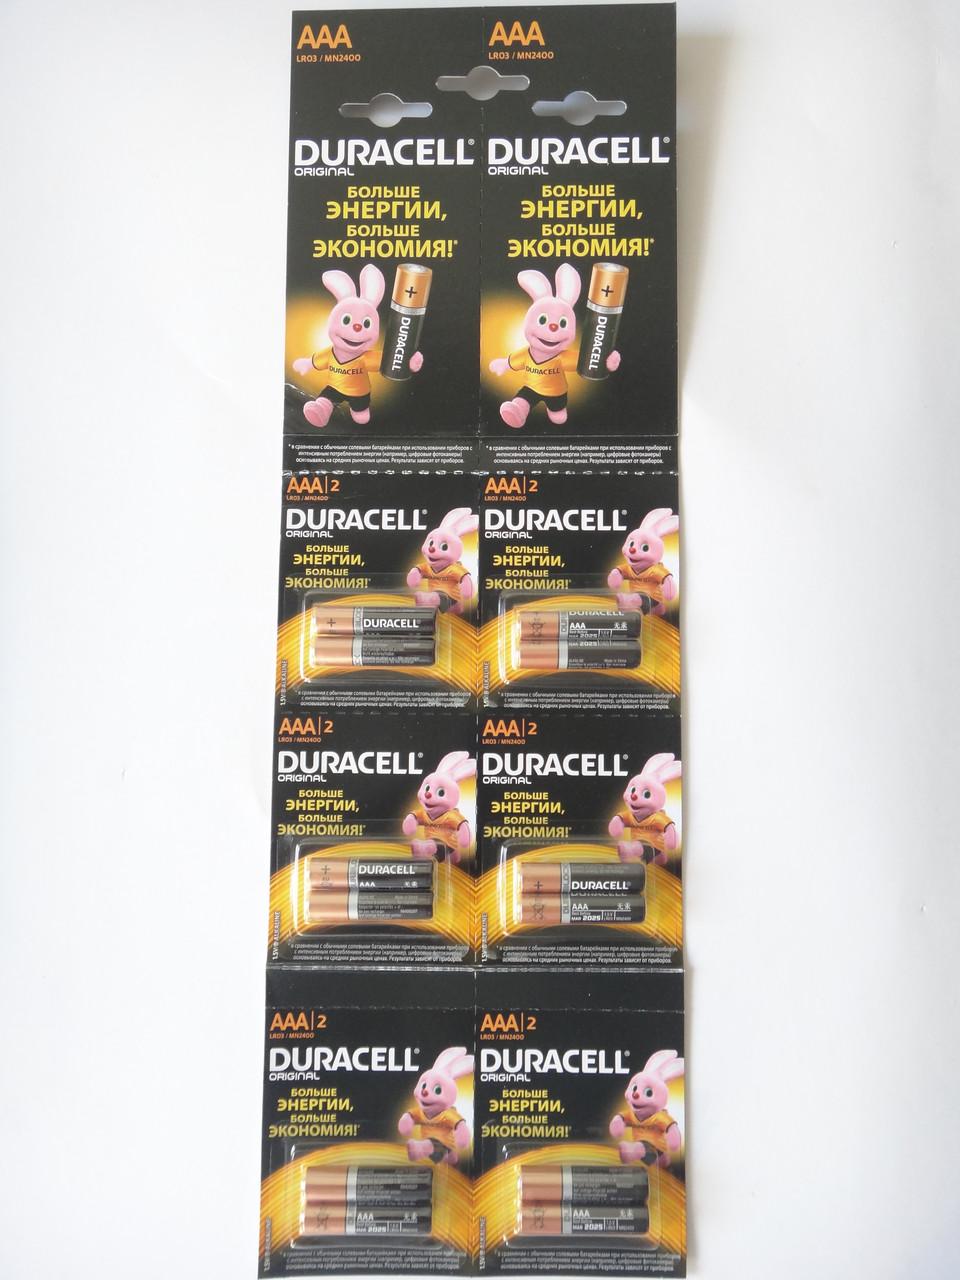 Батарейки Duracell AAA original LR03 MH2400 1.5v мини пальчик 12шт